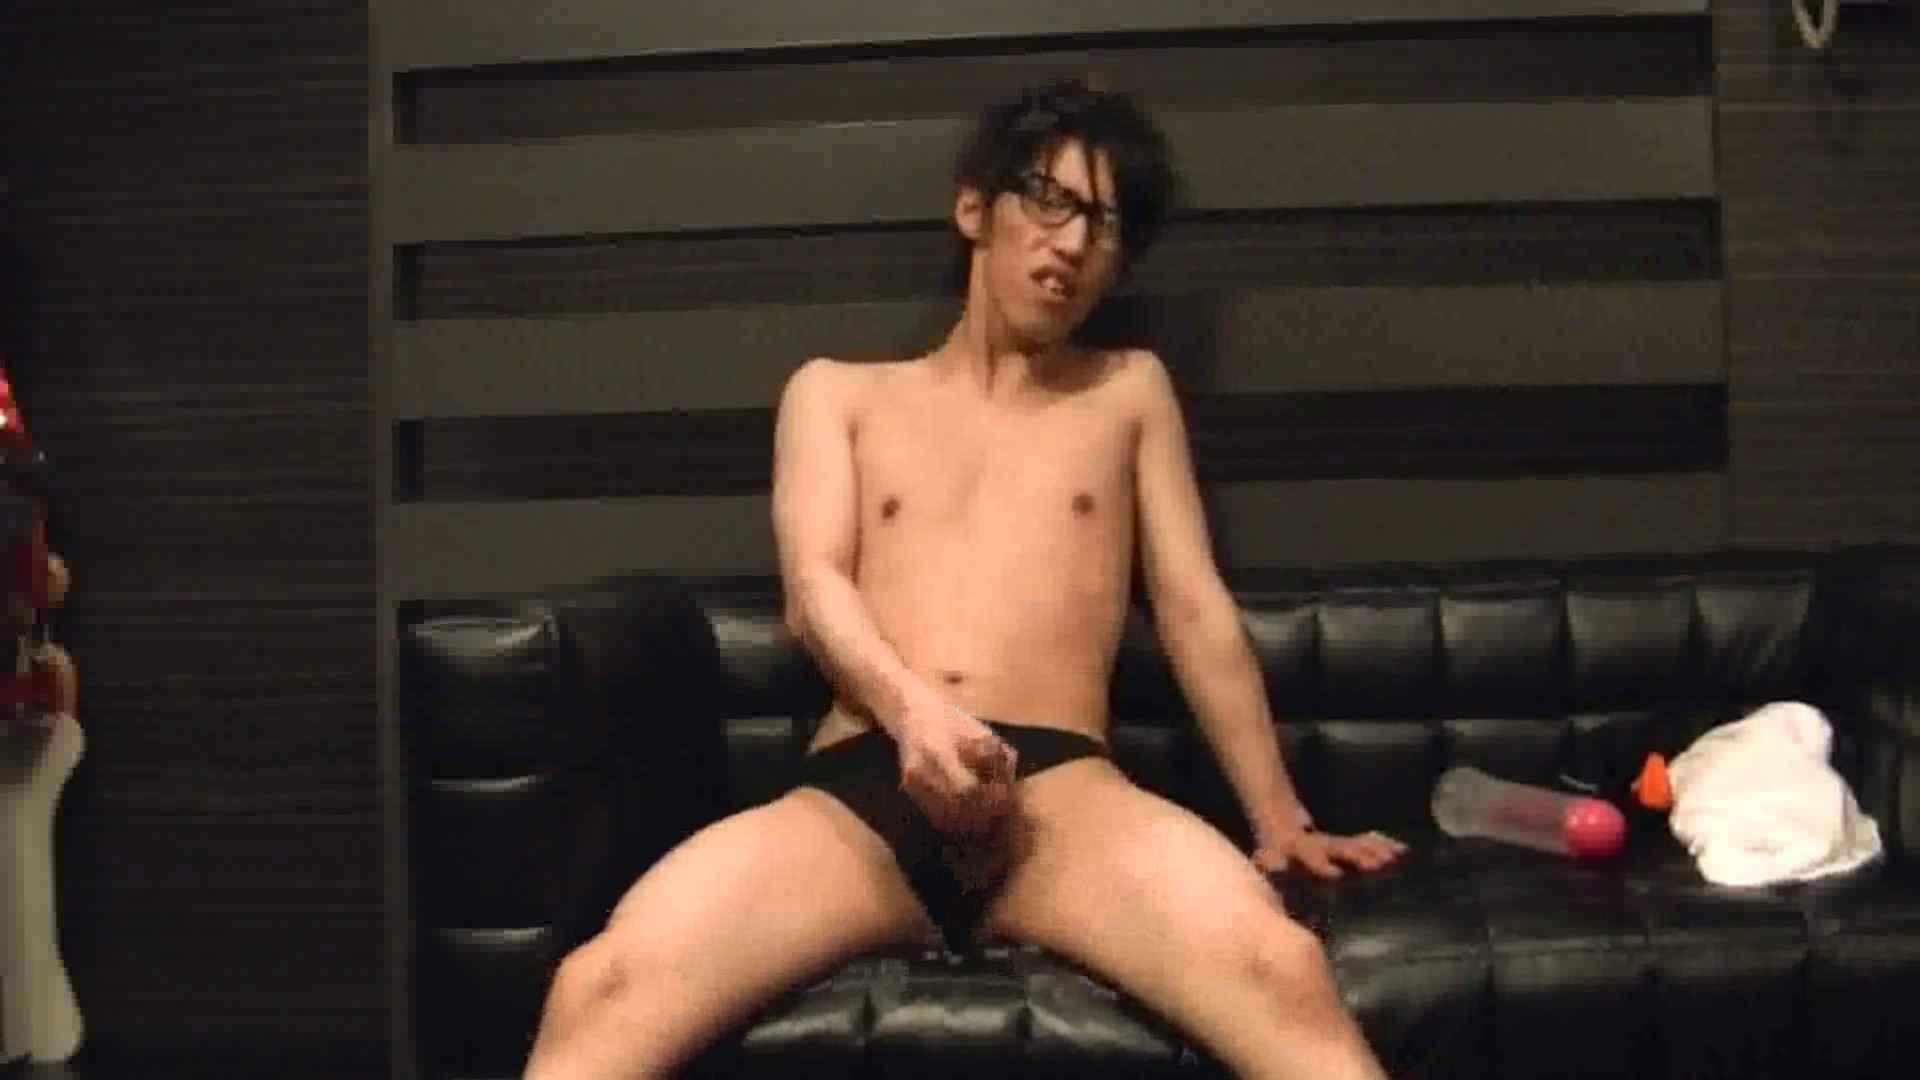 ONA見せカーニバル!! Vol3 男の世界  98画像 14